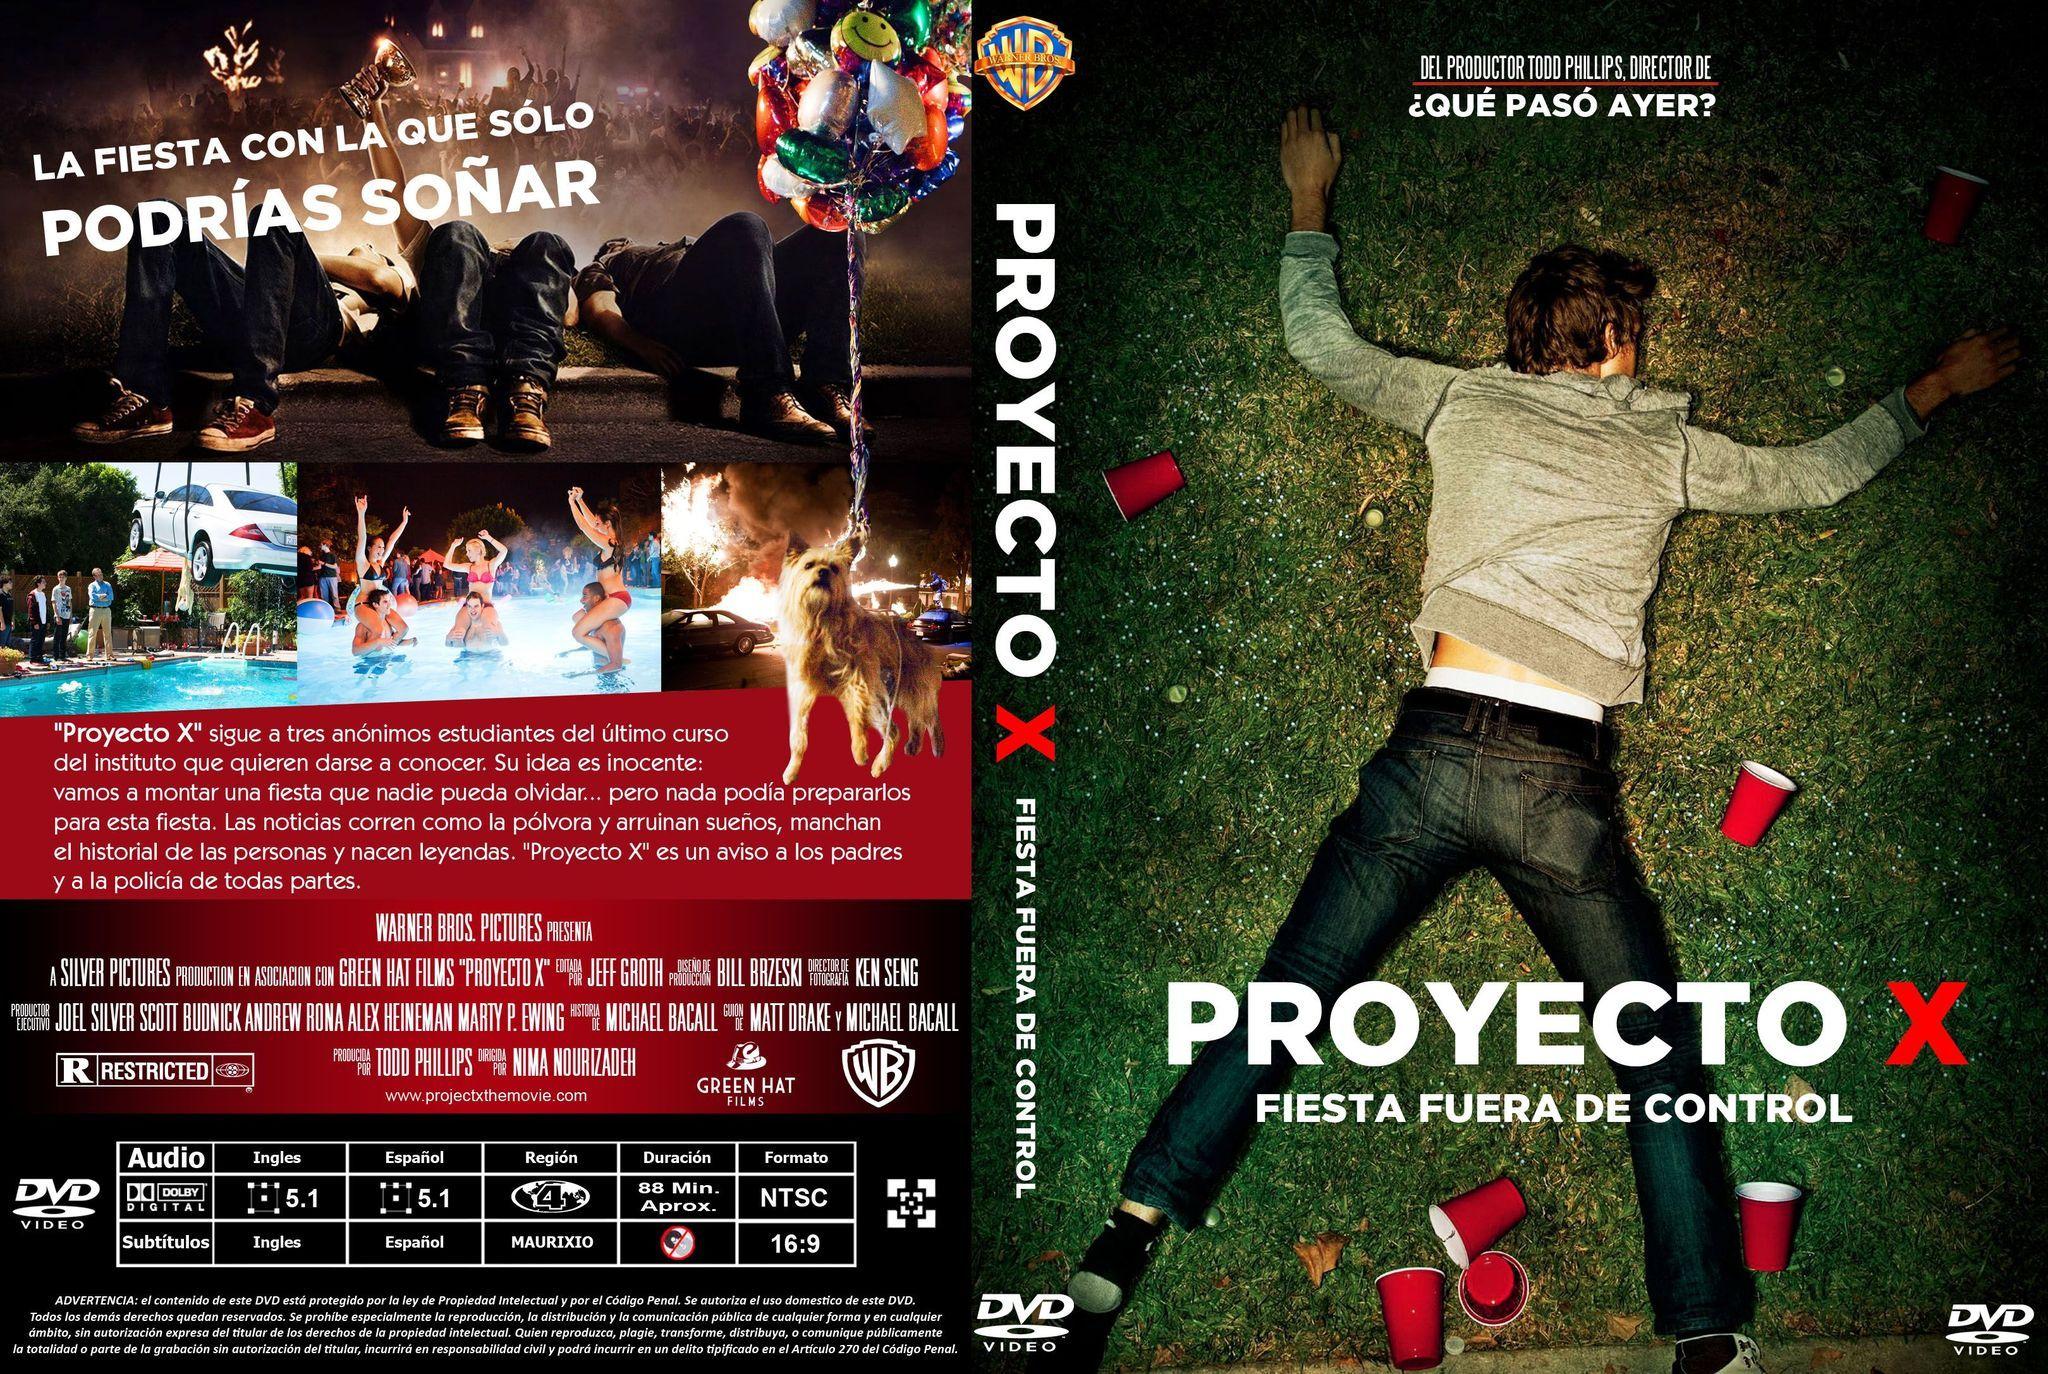 Proyecto X: la película que inspiró la fiesta del descontrol en Moreno